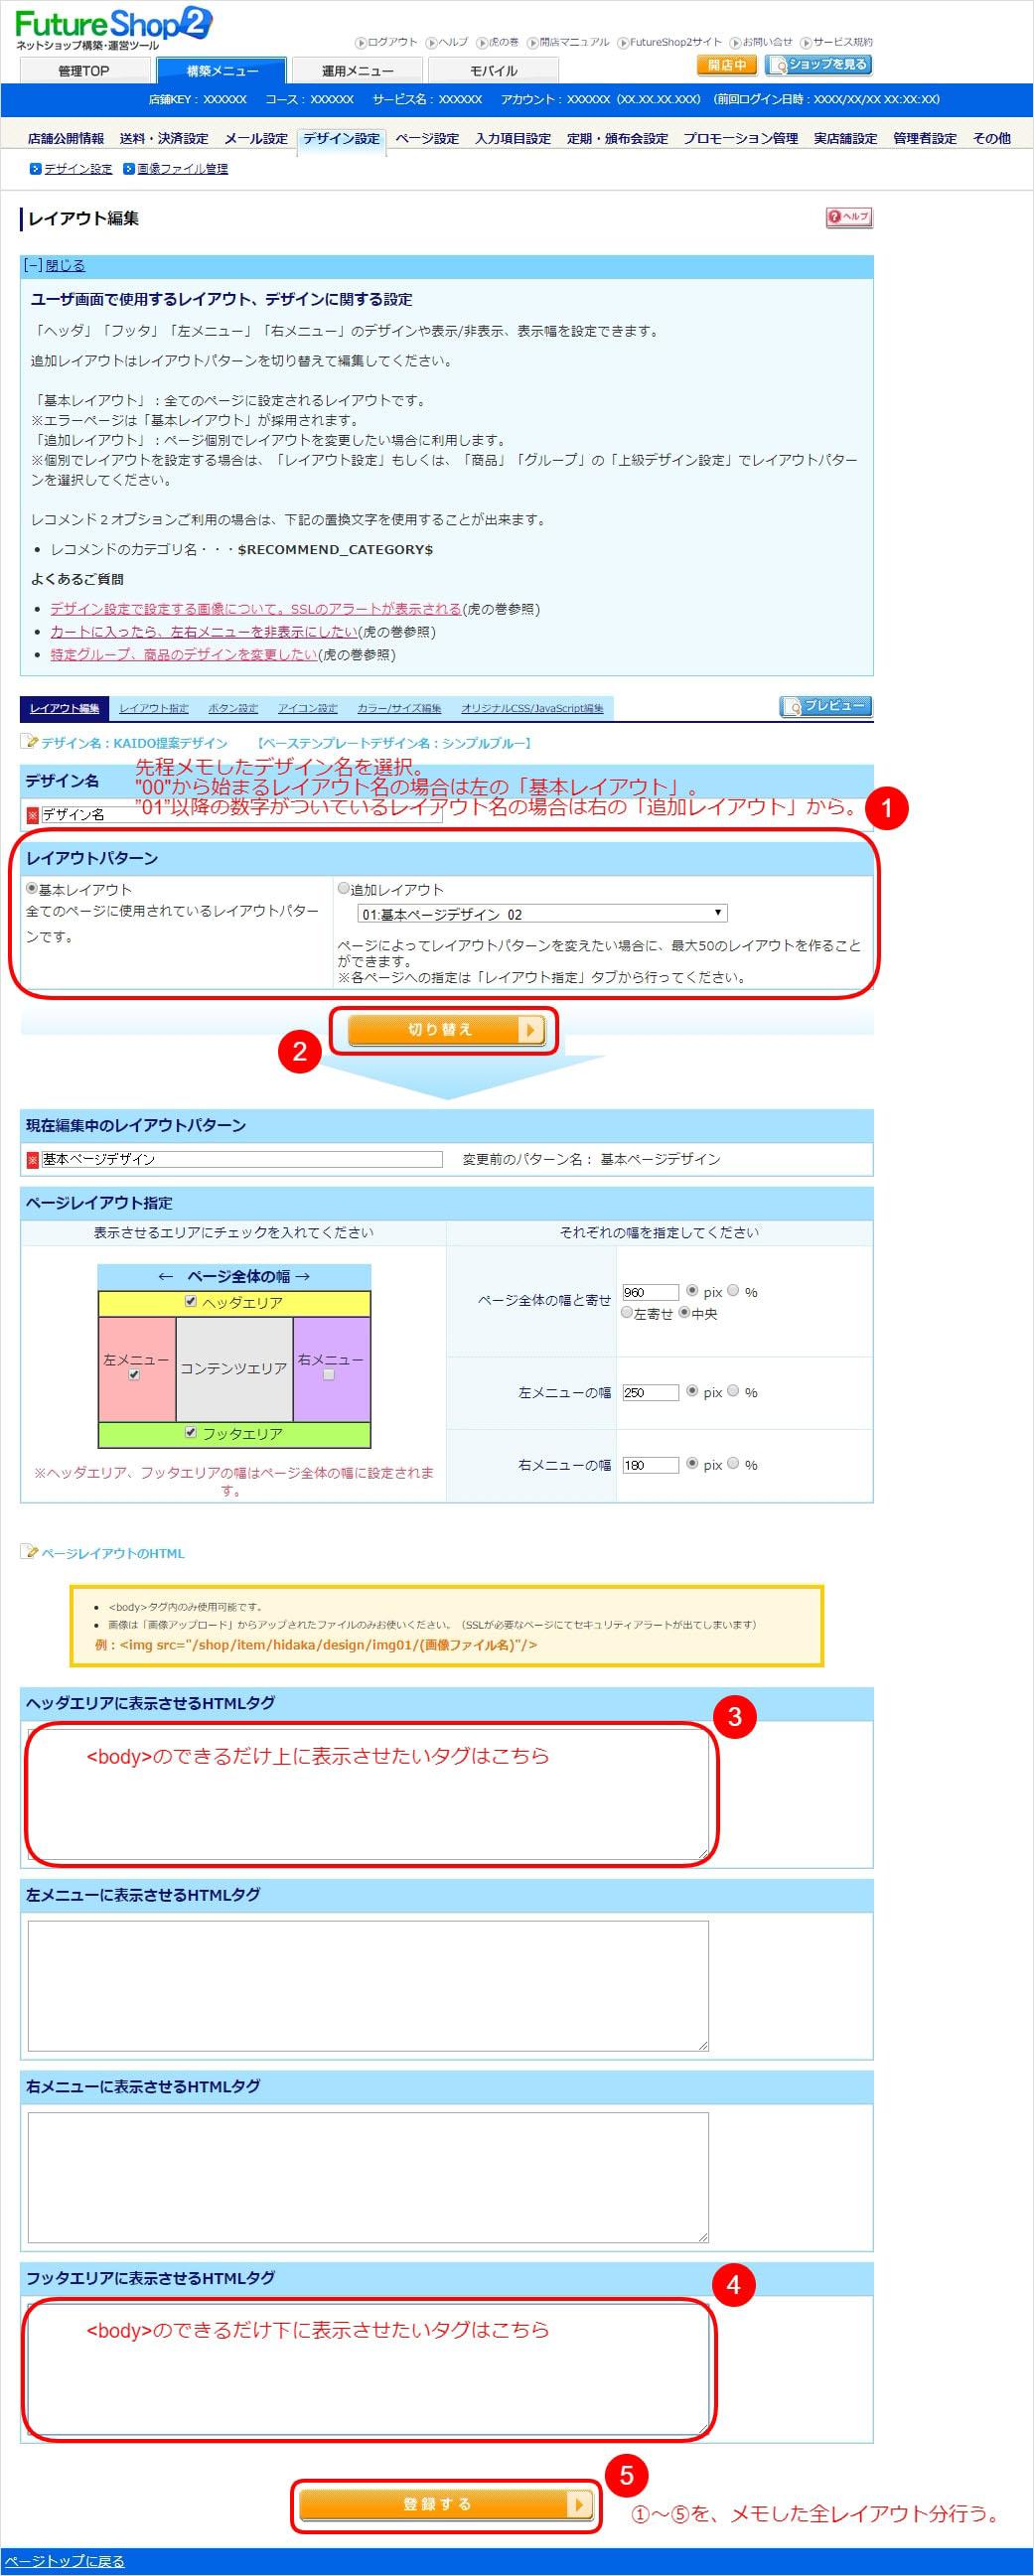 """""""Futureshop2""""デスクトップ全ページの内にタグを設置する手順その③"""